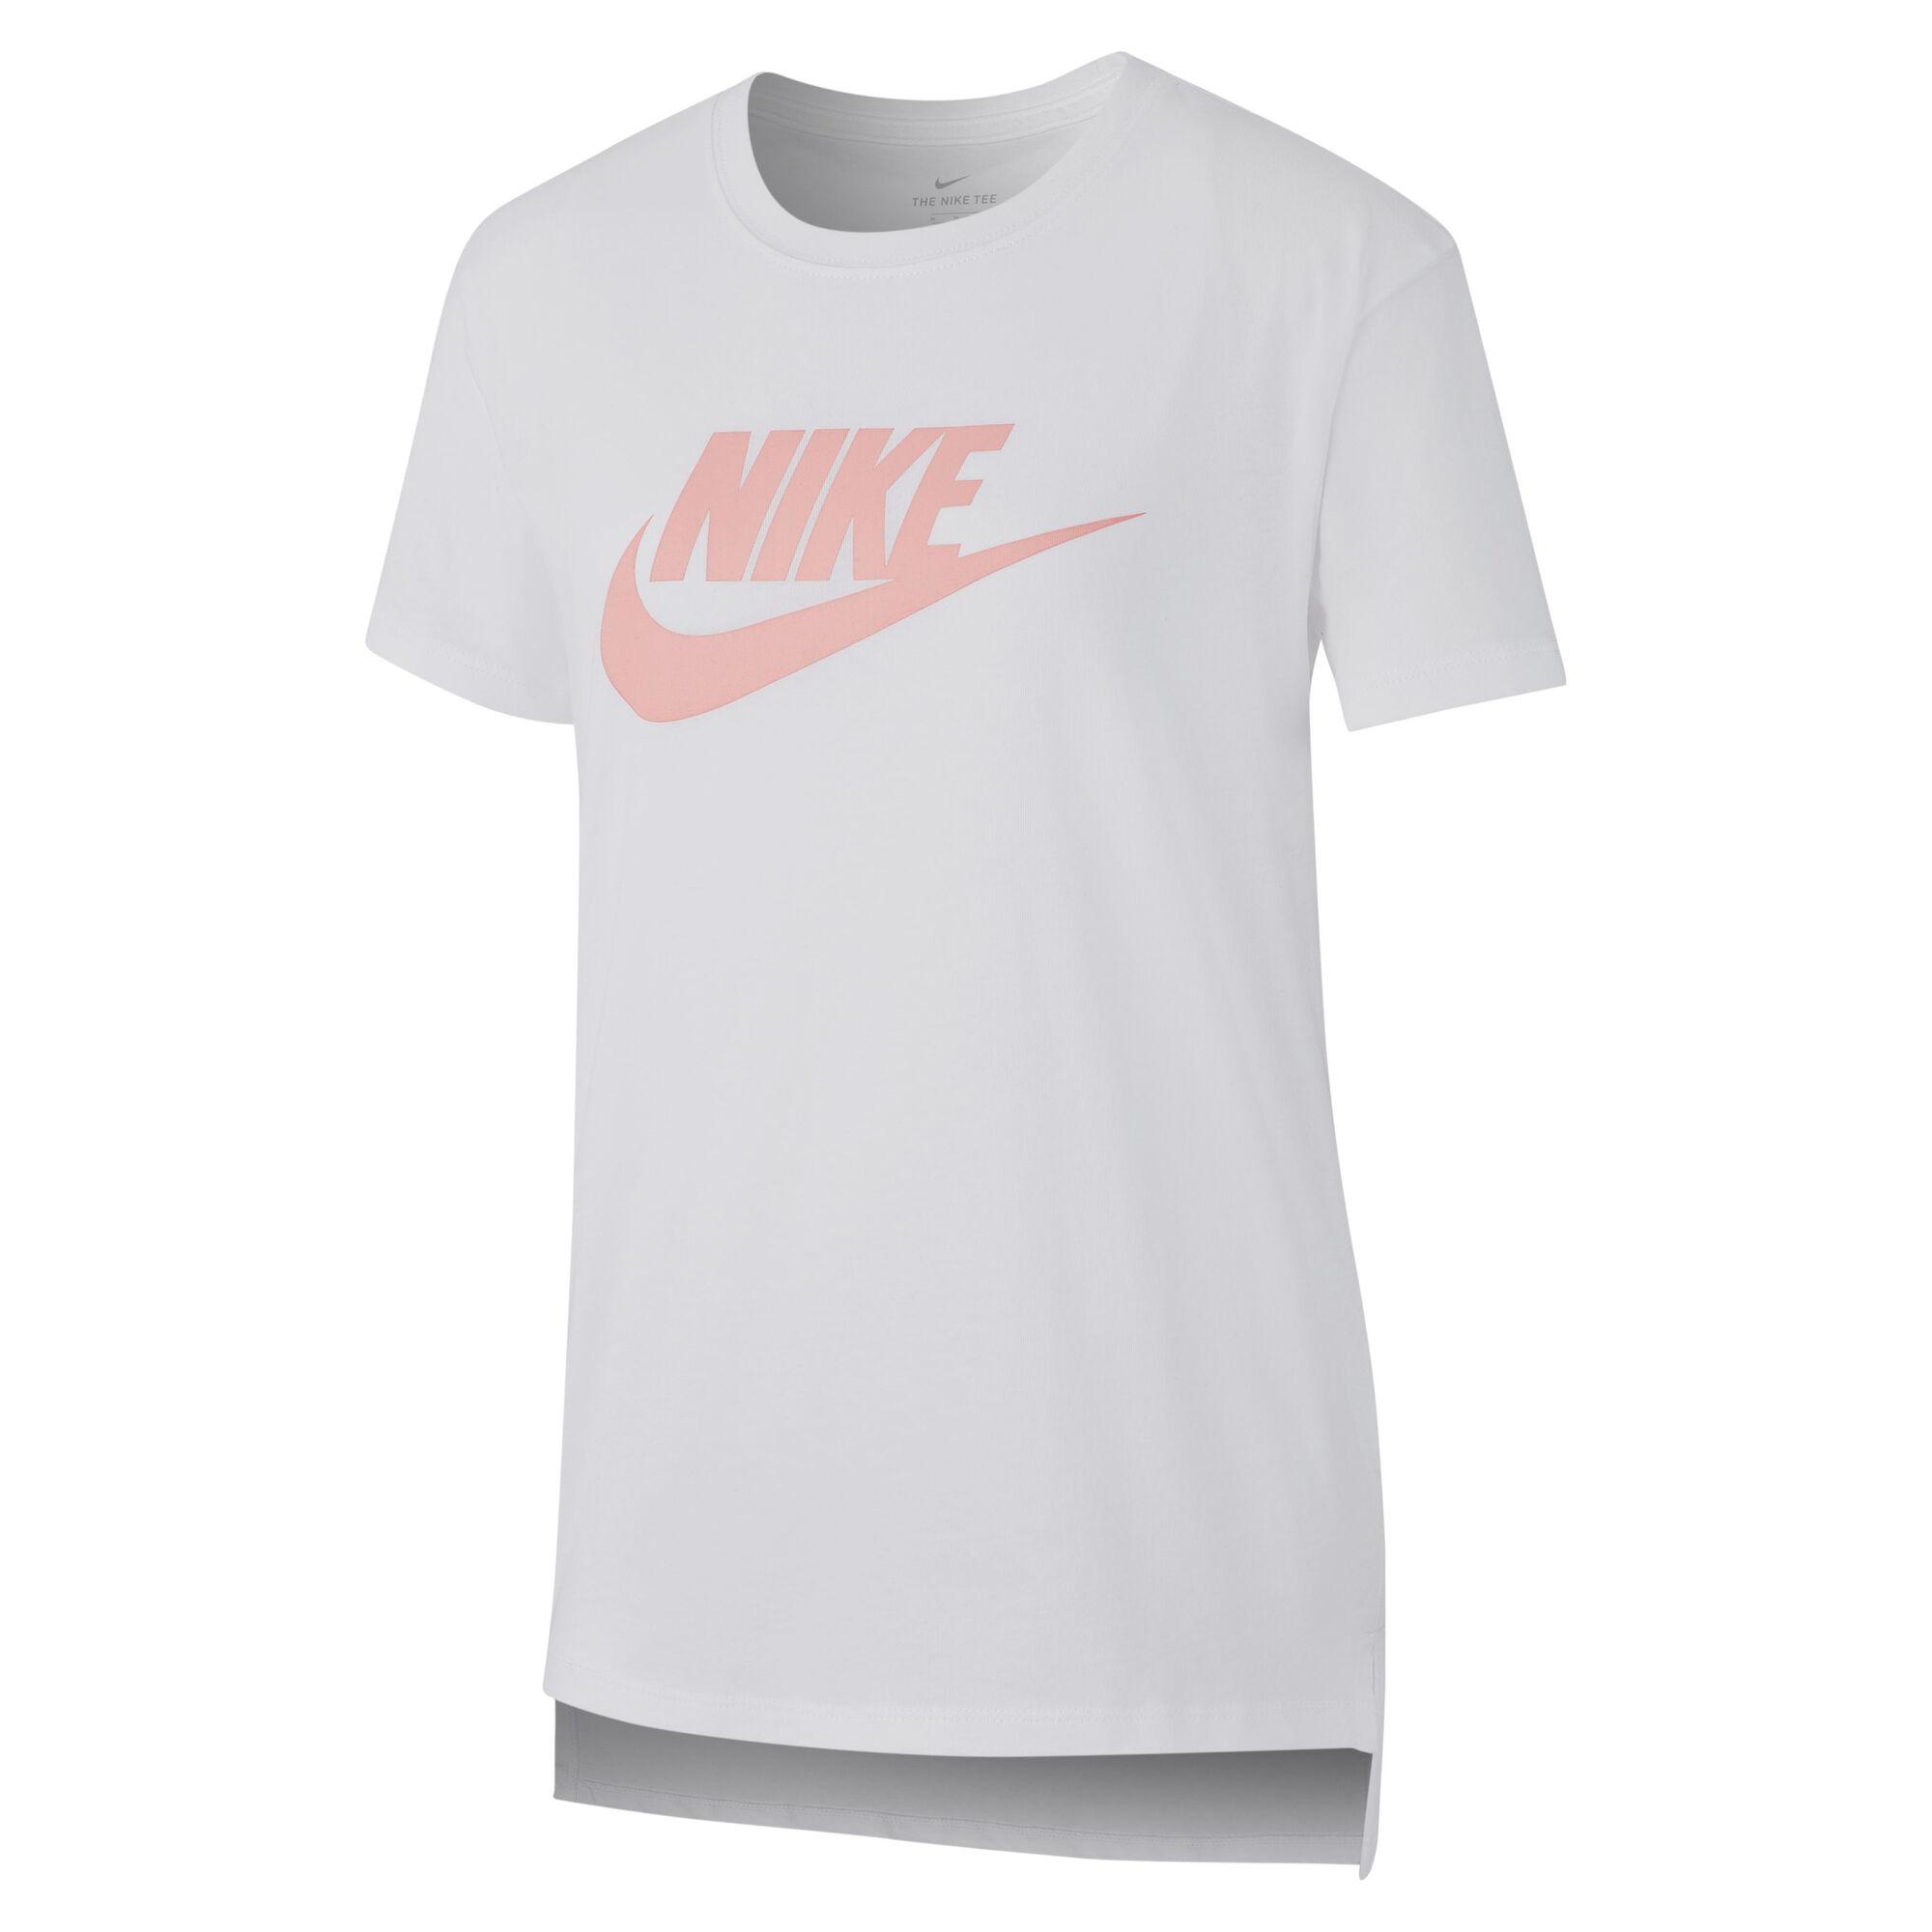 nike sportswear t-shirt mädchen - weiß, rosa online kaufen